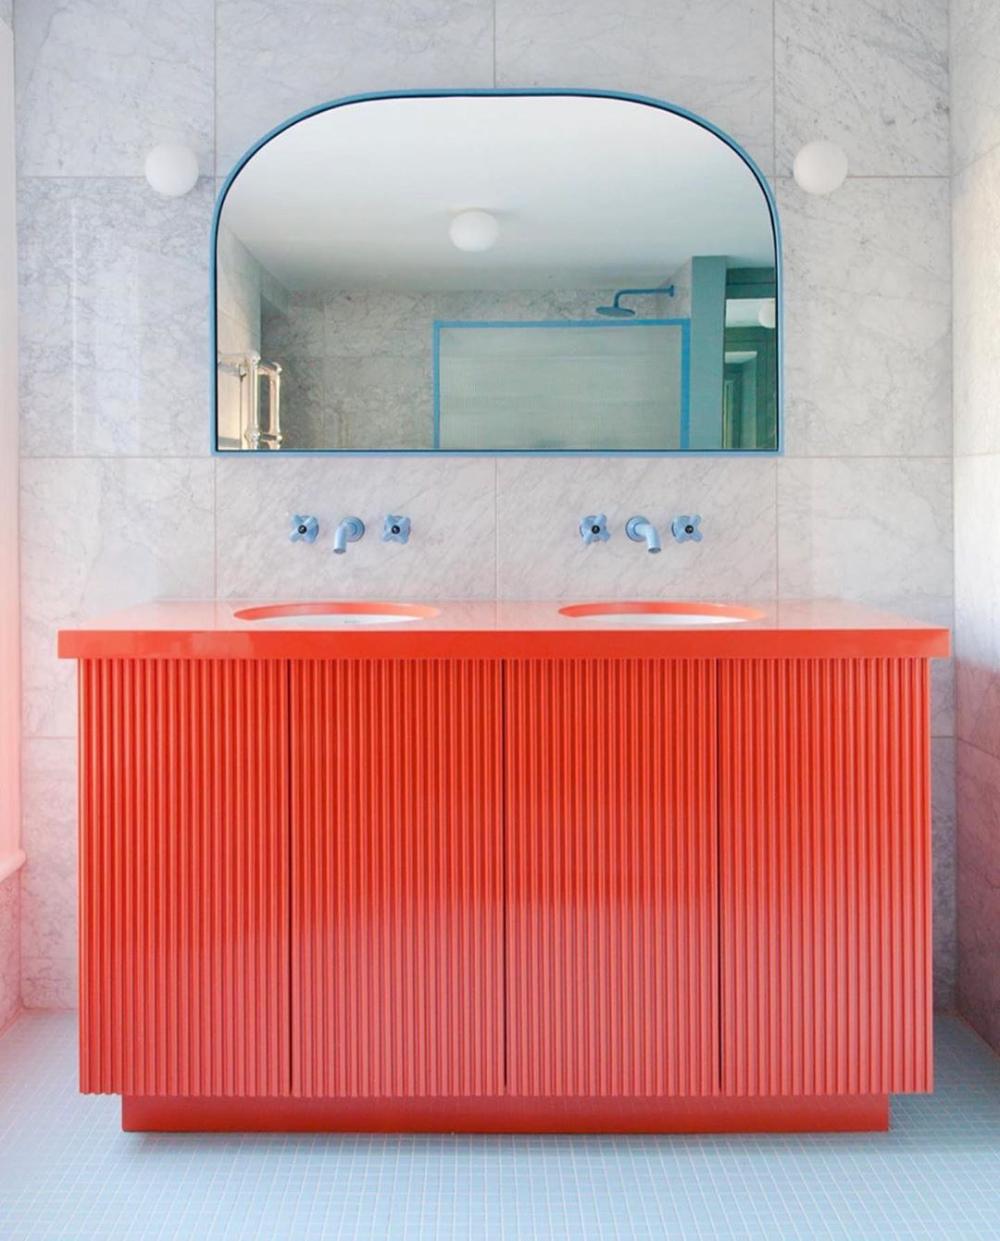 Mmi Inspiration Such A Fun Bathroom Designed By 2lgstudio Megantaylorphoto Mmi Mmi In 2020 Bathroom Design Round Mirror Bathroom Amazing Bathrooms